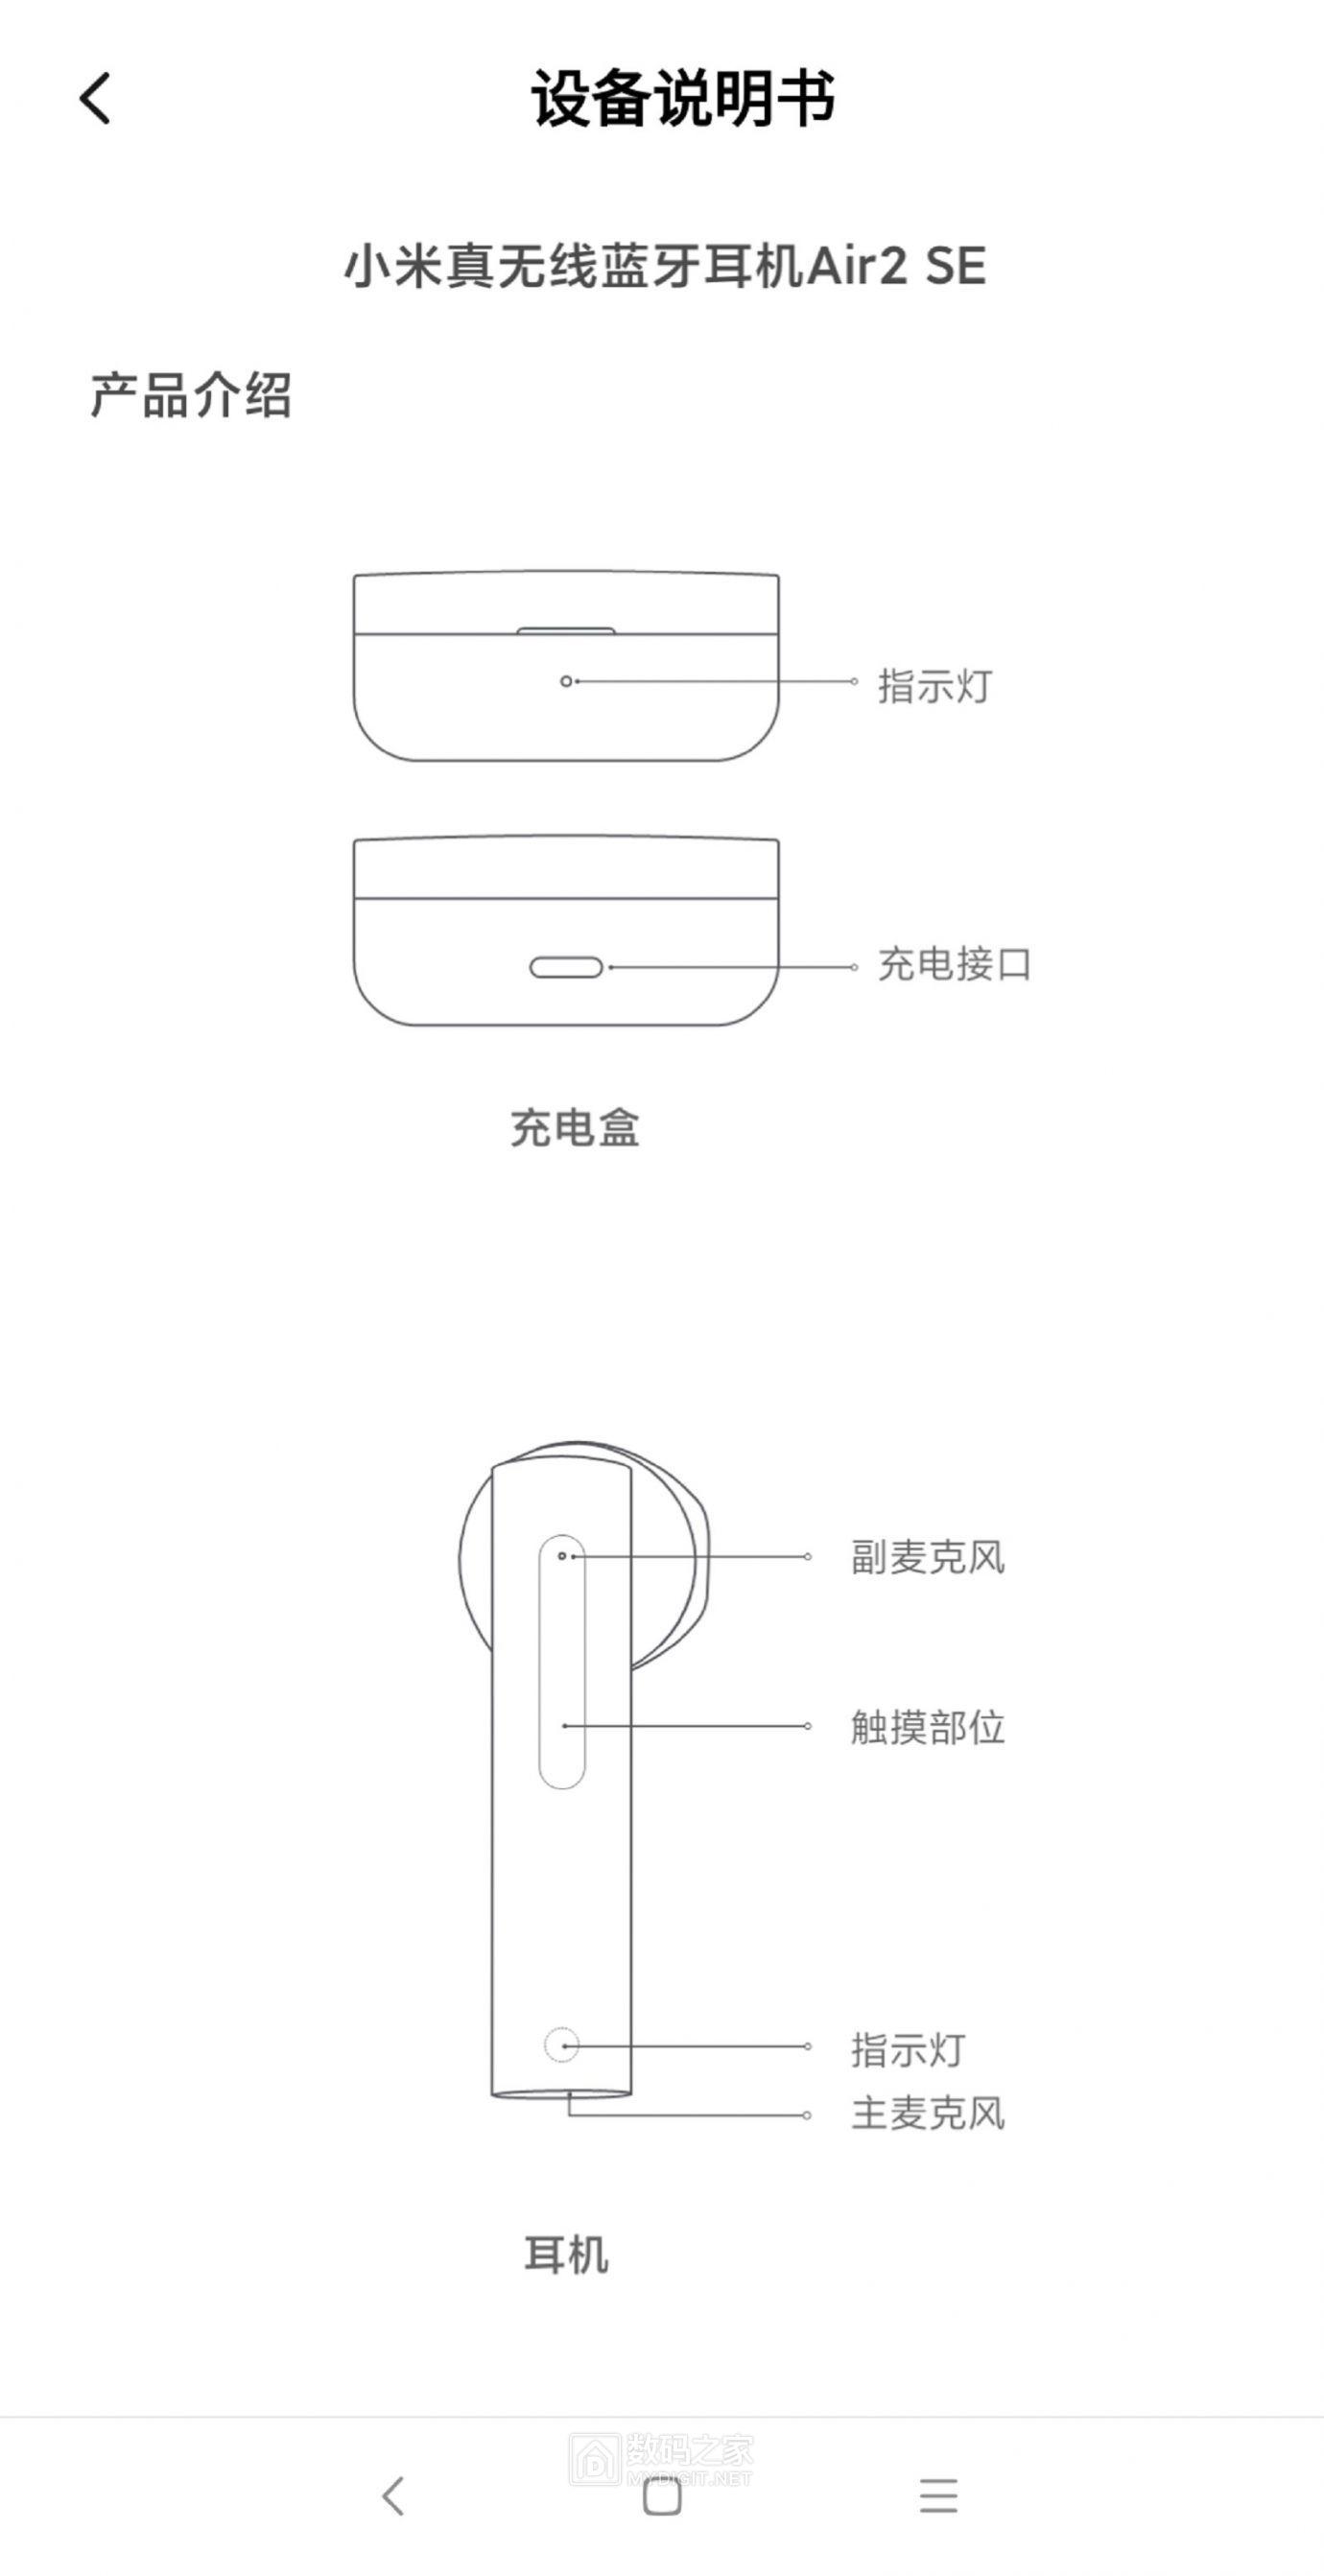 Screenshot_2021-04-16-19-41-53-762_com.xiaomi.xiaoailite.jpg